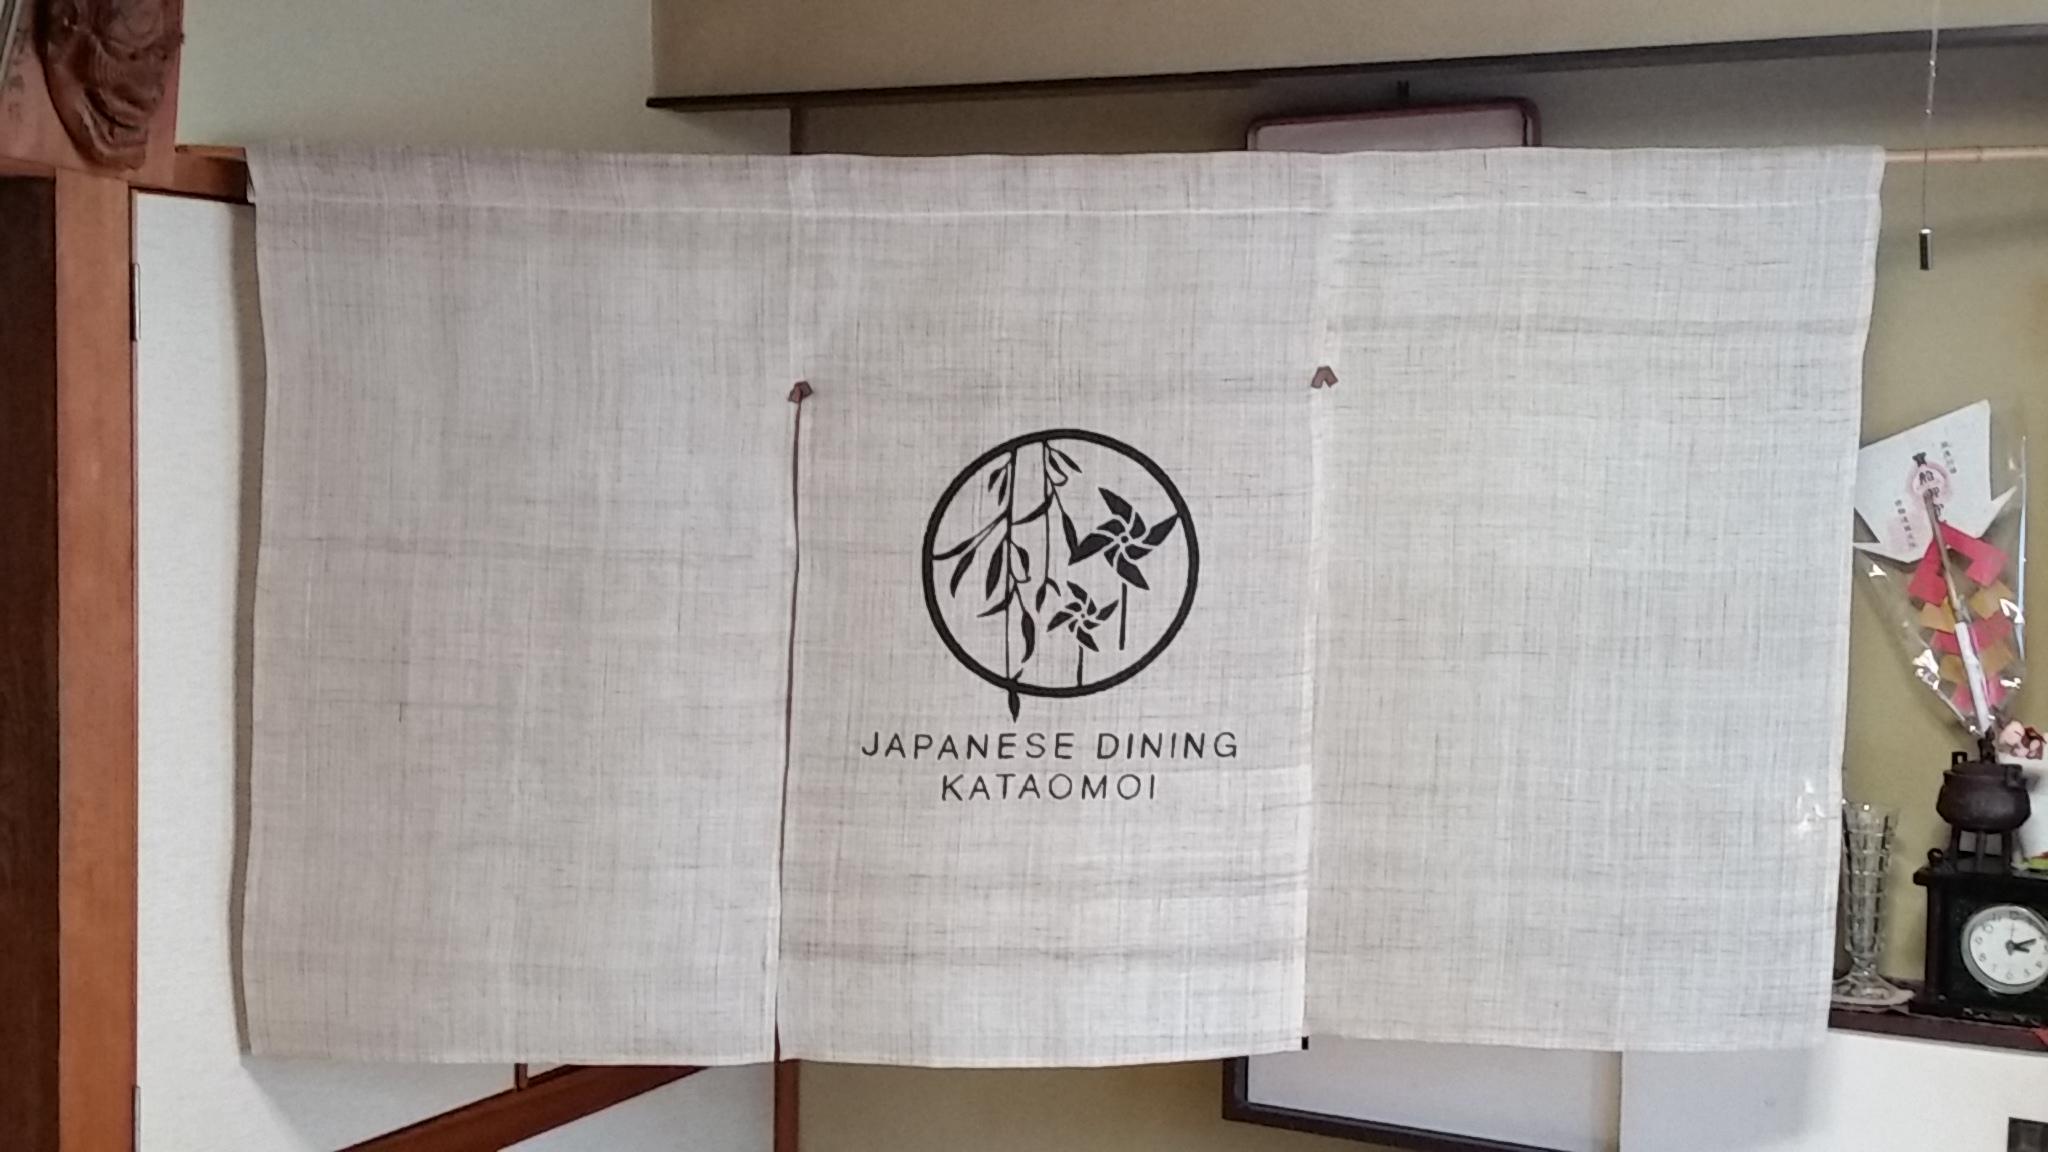 2014-20 KATAOMOI 暖簾